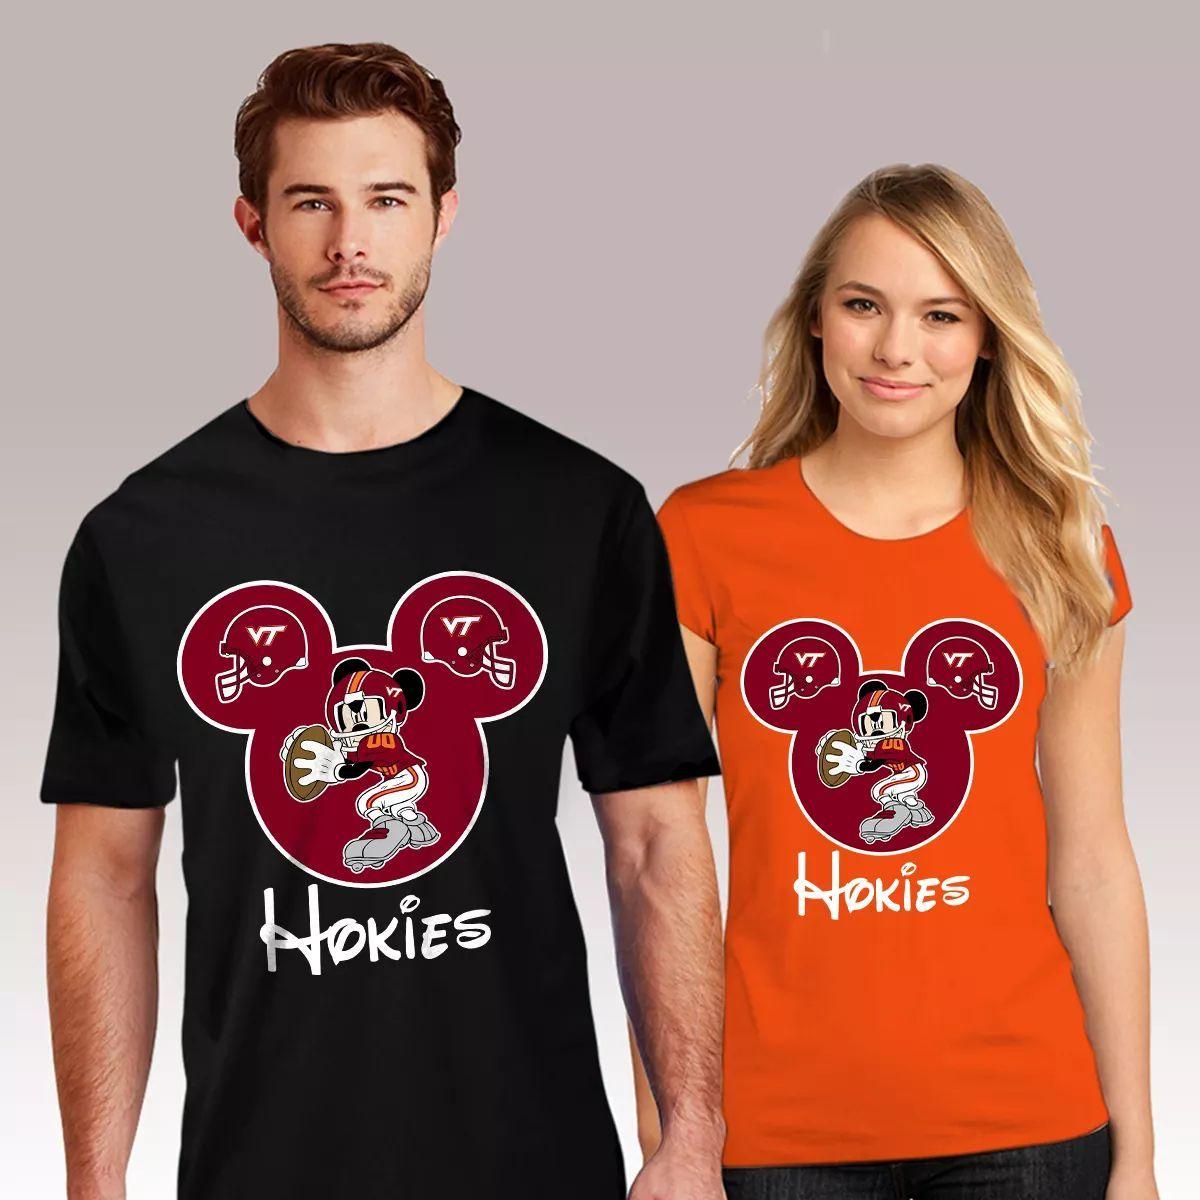 Pin by Paula on Hokie Stuff Hokies, Mens tops, Vt football